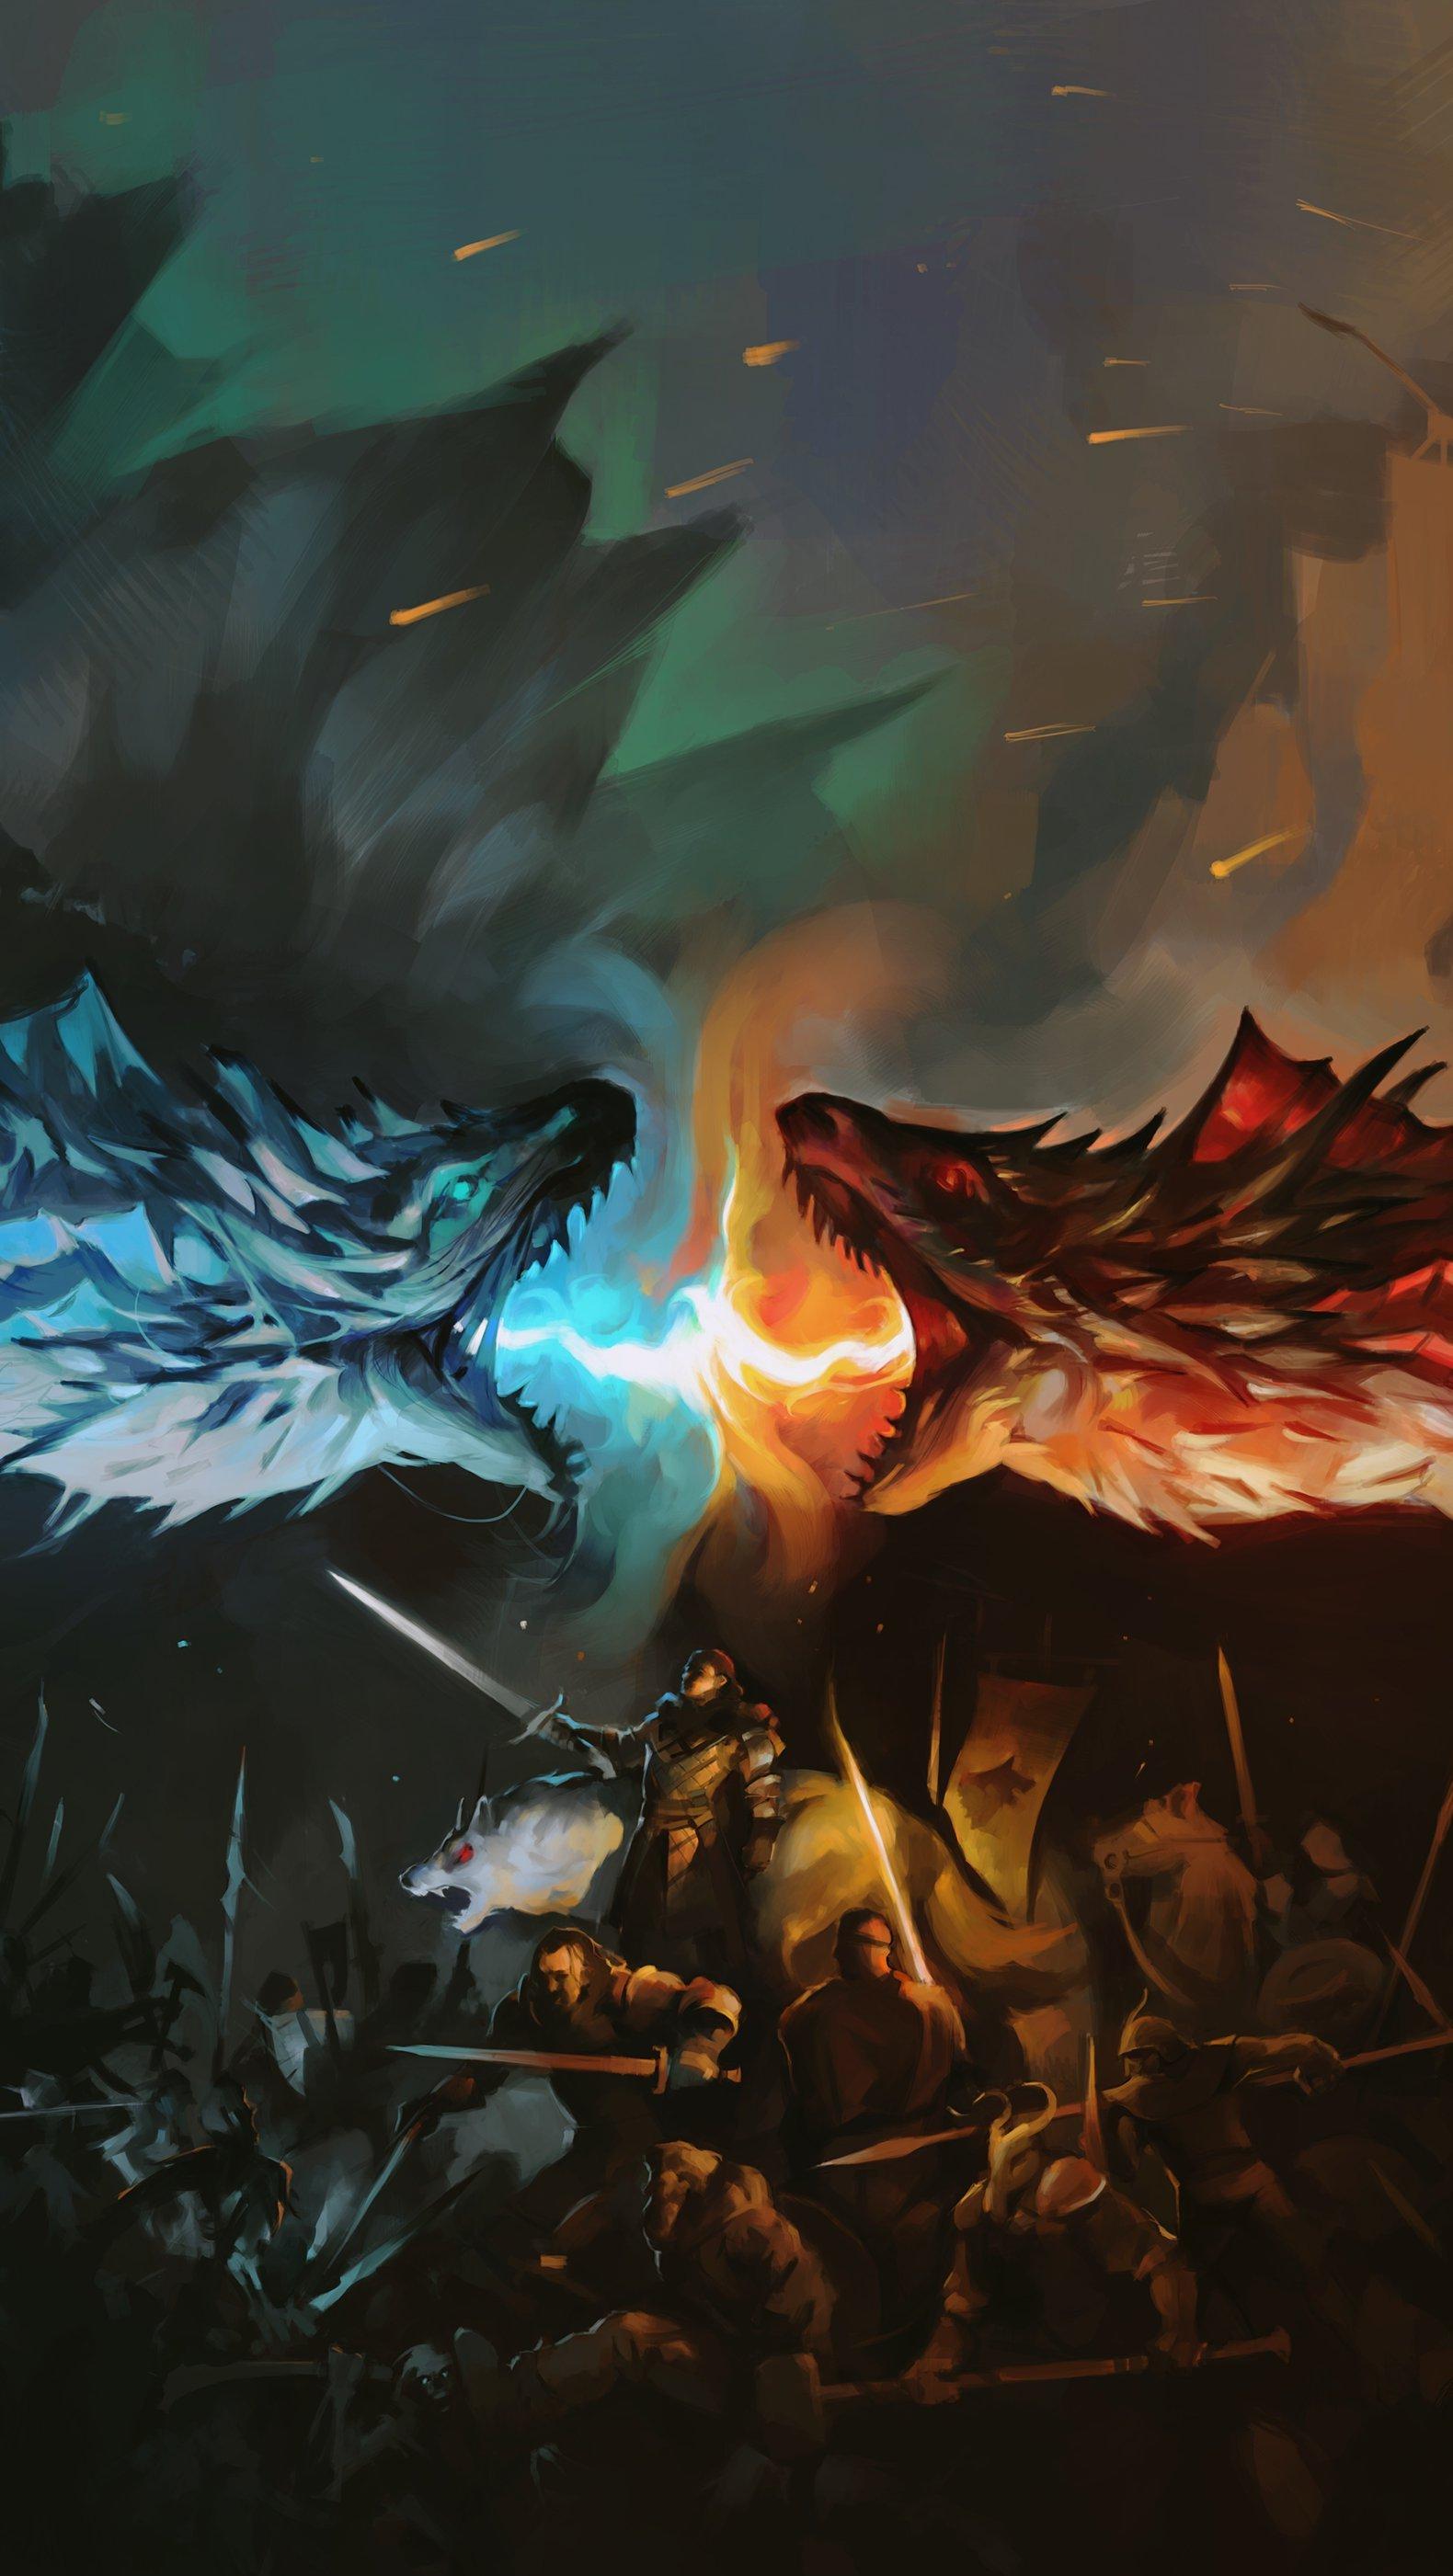 Fondos de pantalla Dragon Battle Fire Vs Ice Game Of Thrones Vertical